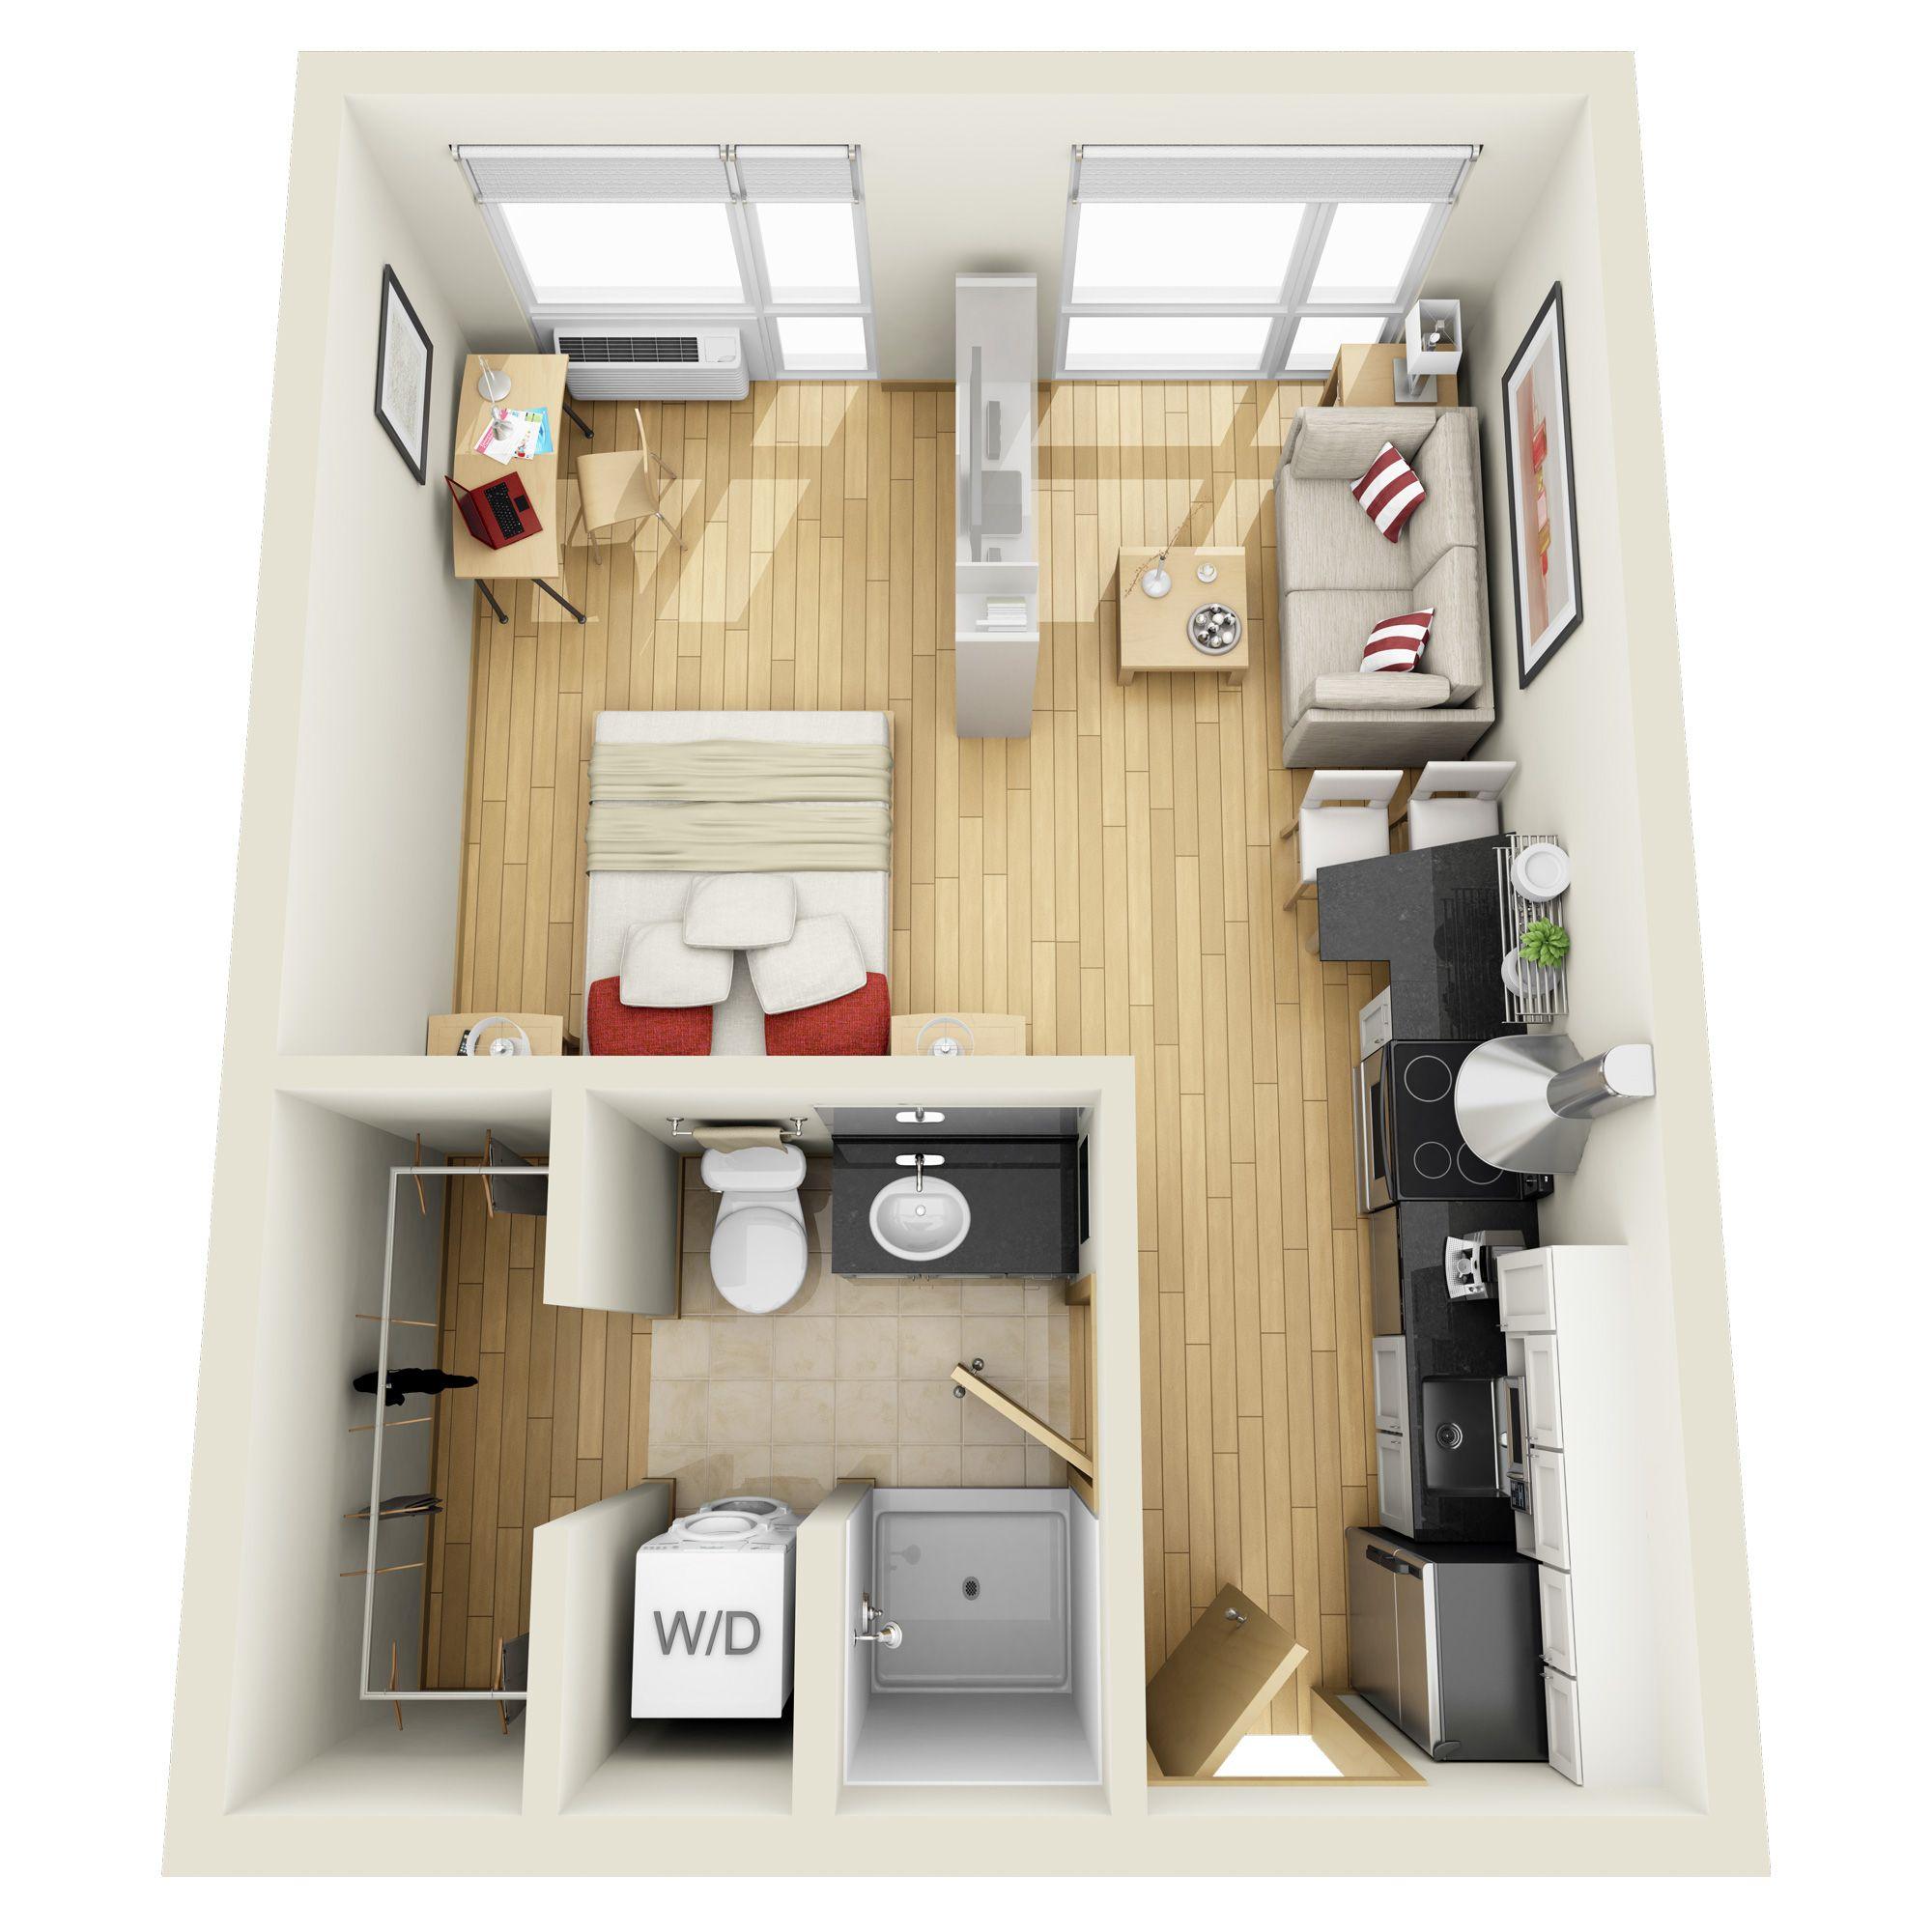 Knottingham Apartments: Studio Floorplans